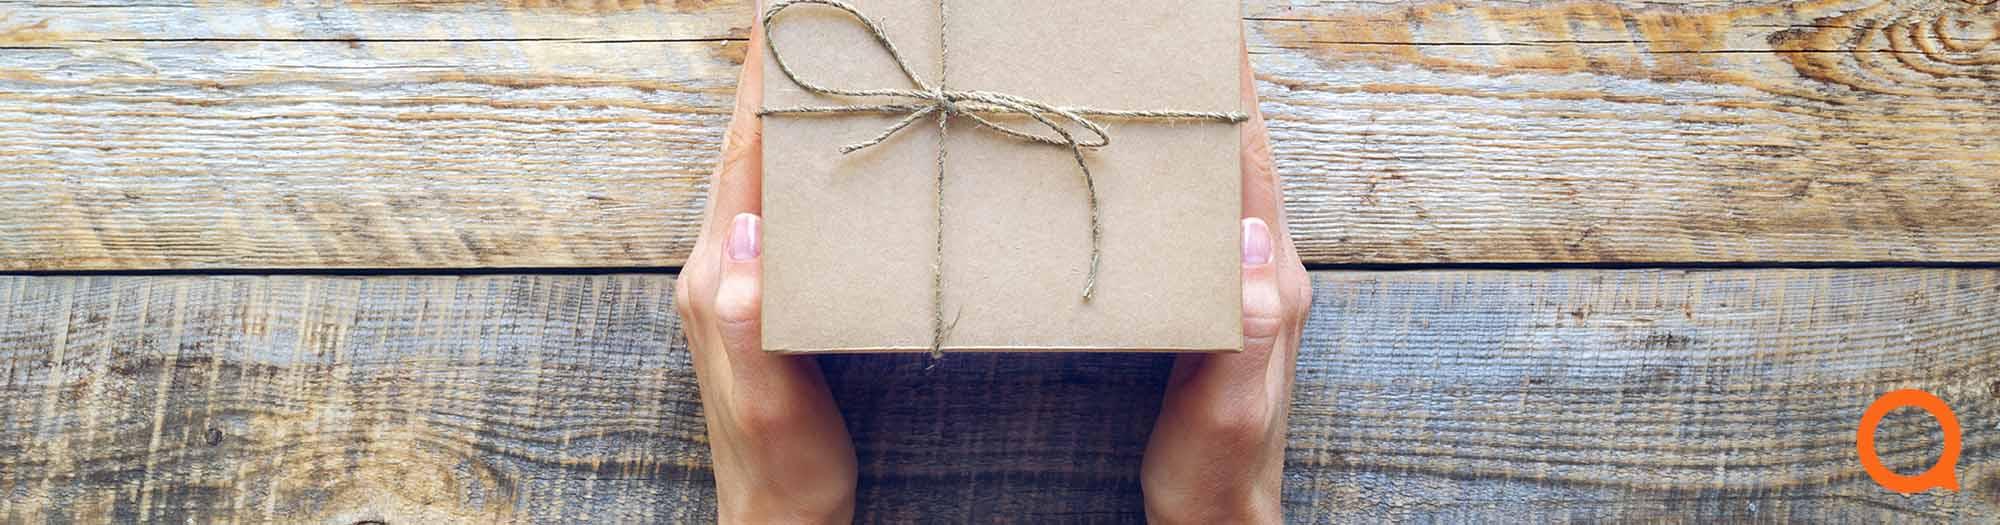 Soort cadeau